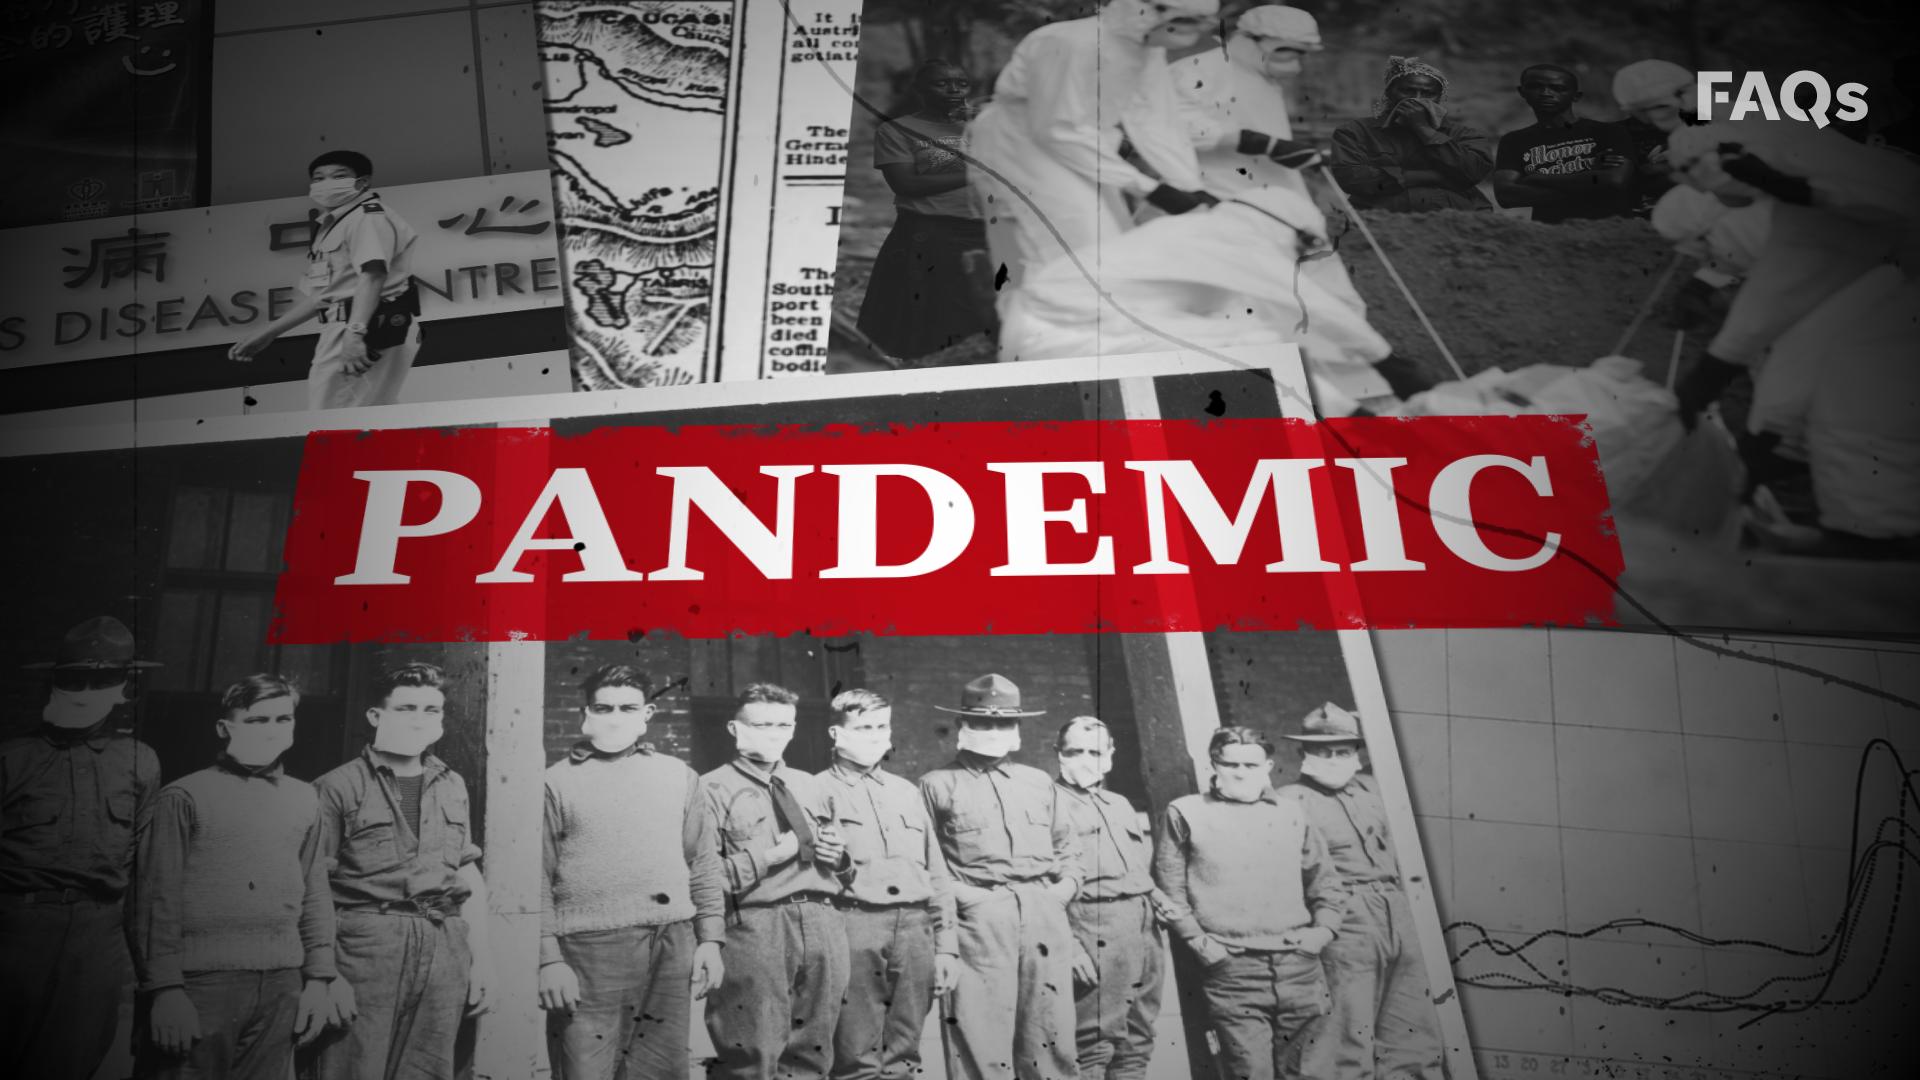 Đại dịch (Pandemic) là gì? Ảnh hưởng của đại dịch đến kinh tế - Ảnh 1.